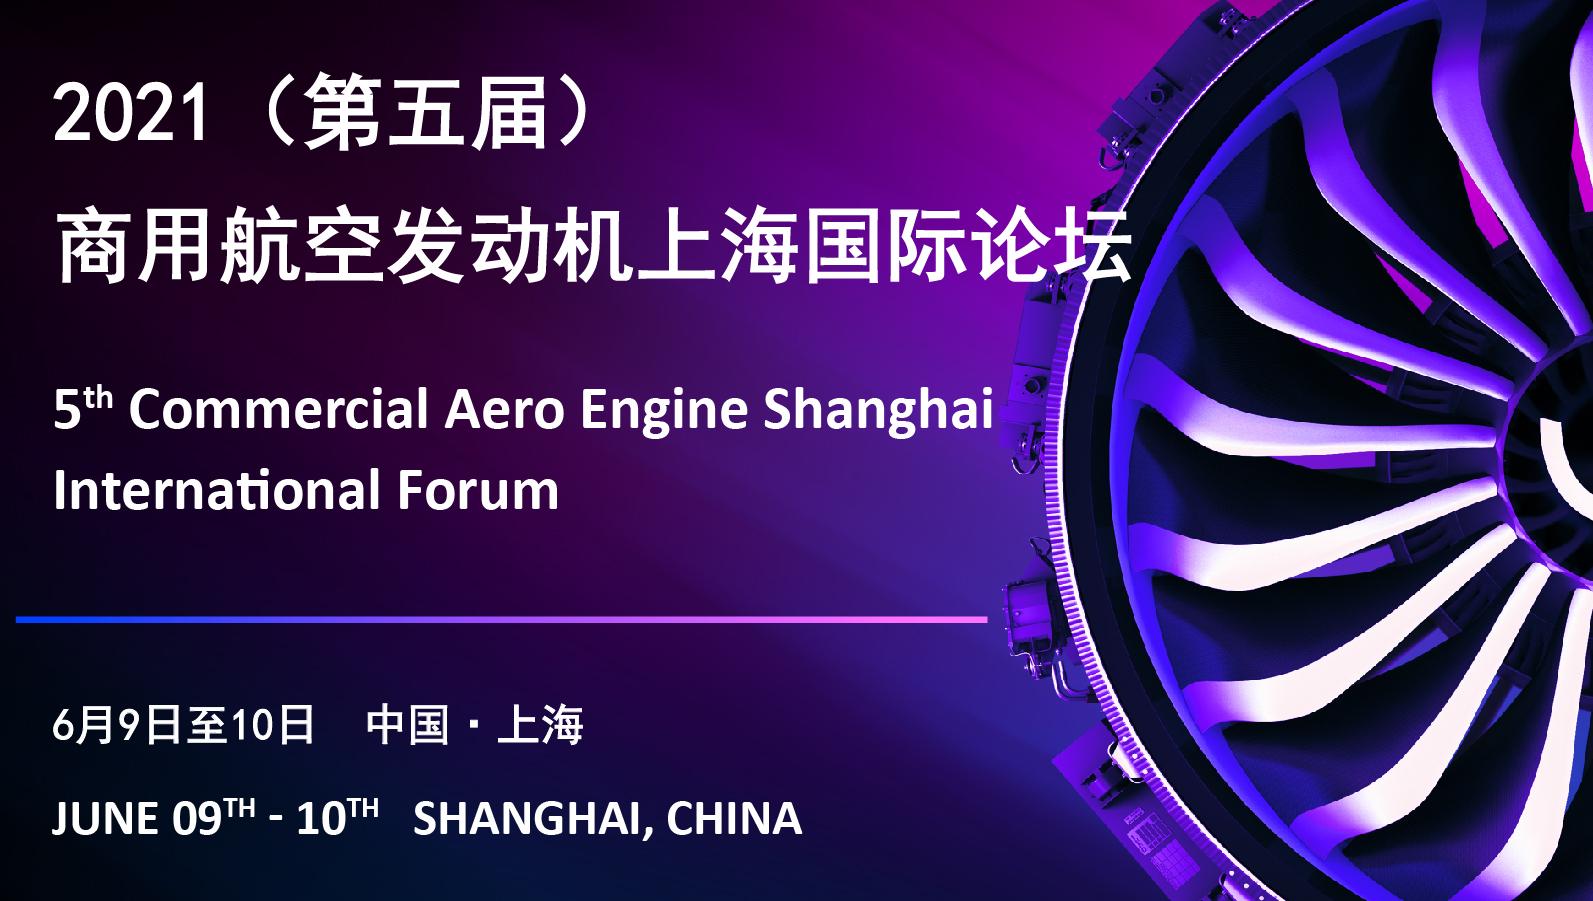 2021(第五届)商用航空发动机上海国际论坛